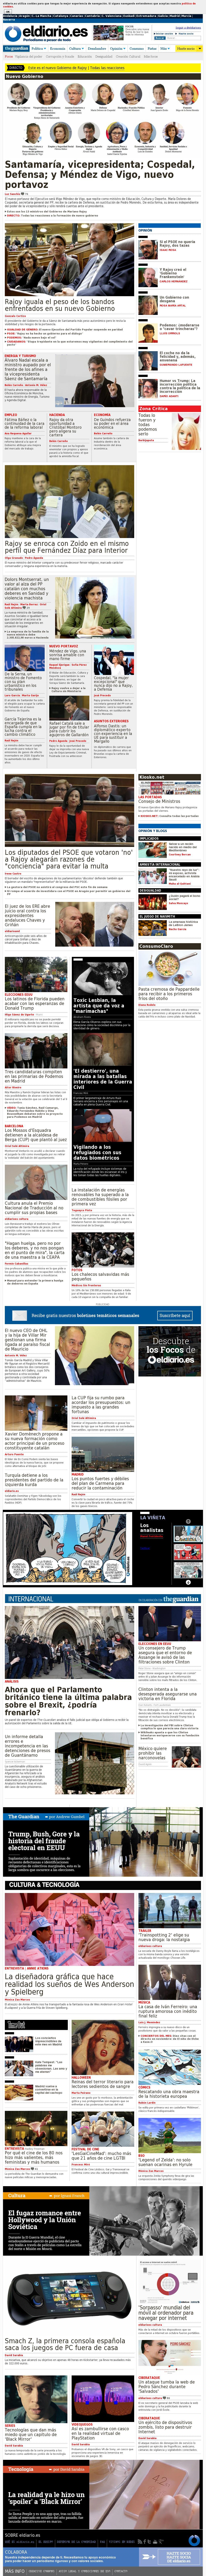 El Diario at Friday Nov. 4, 2016, 8:04 a.m. UTC